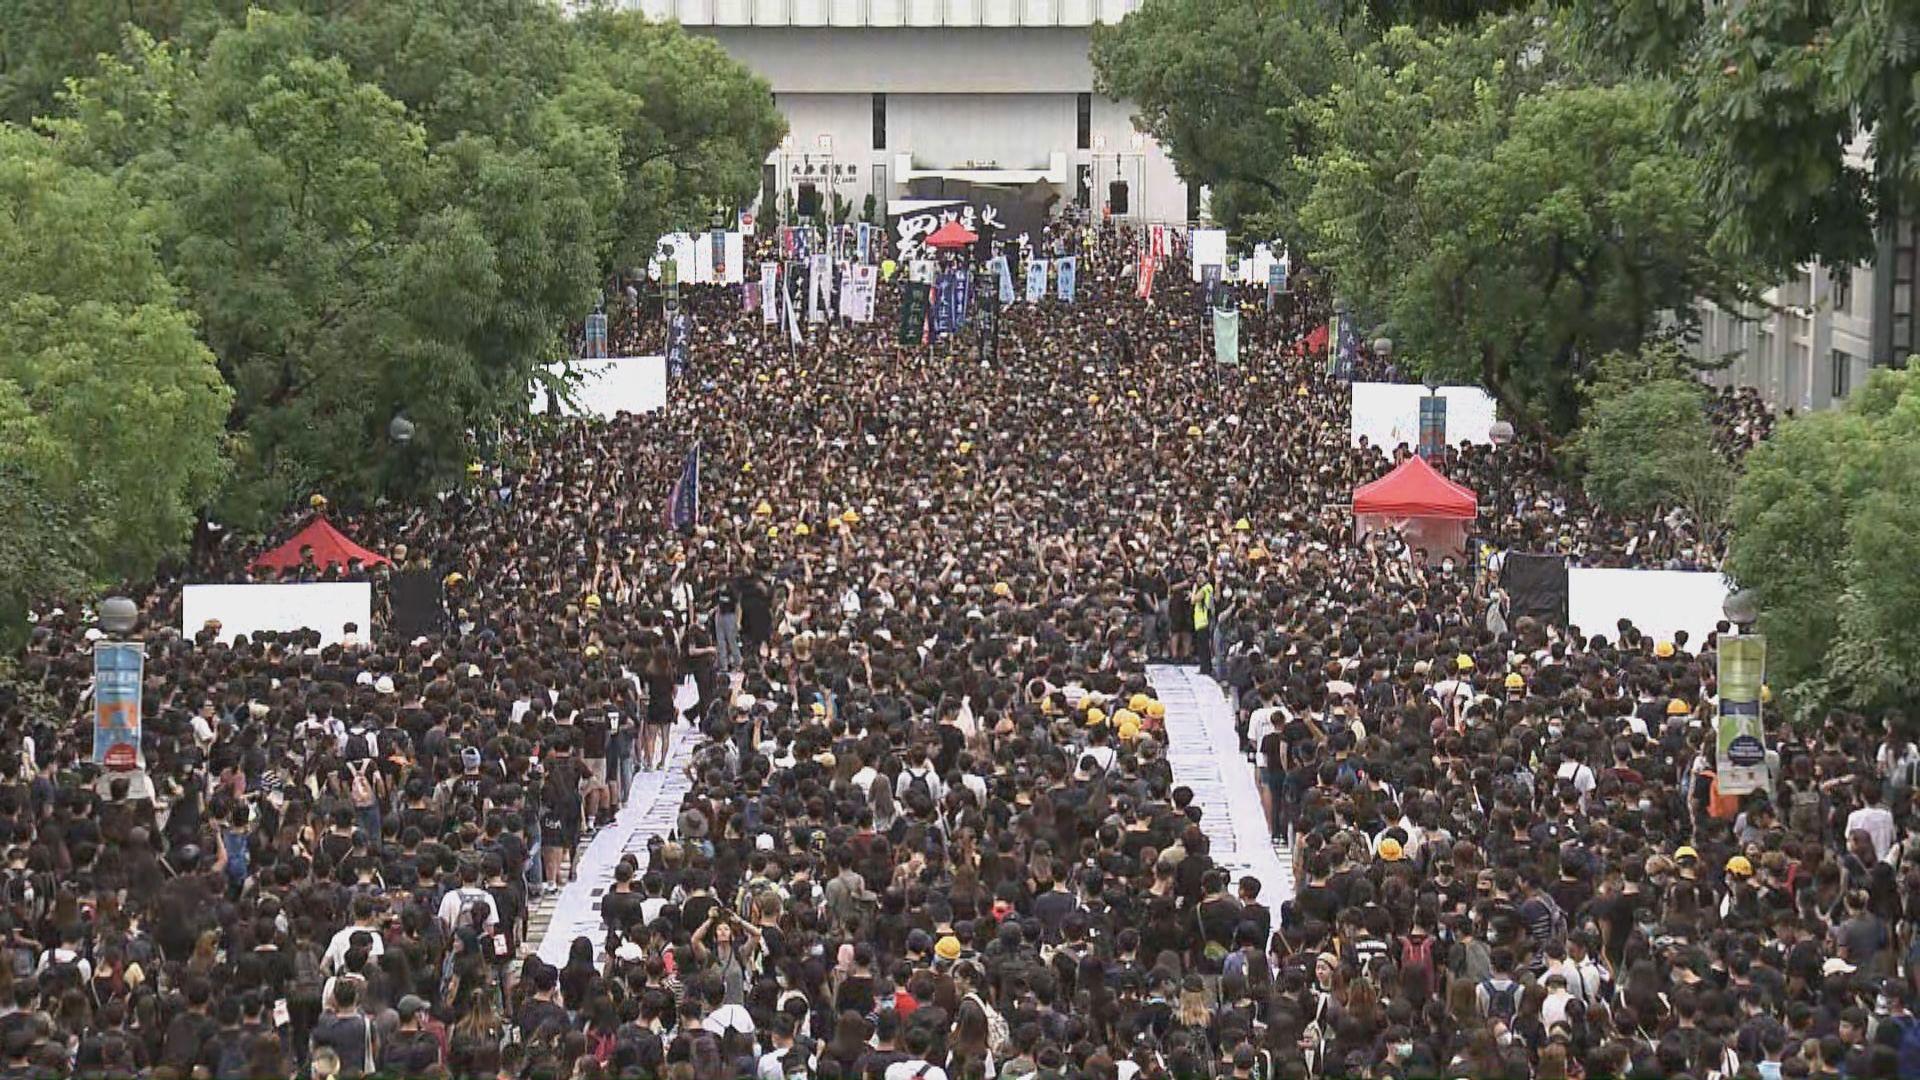 大專學界罷課聯校集會 大會稱三萬人出席